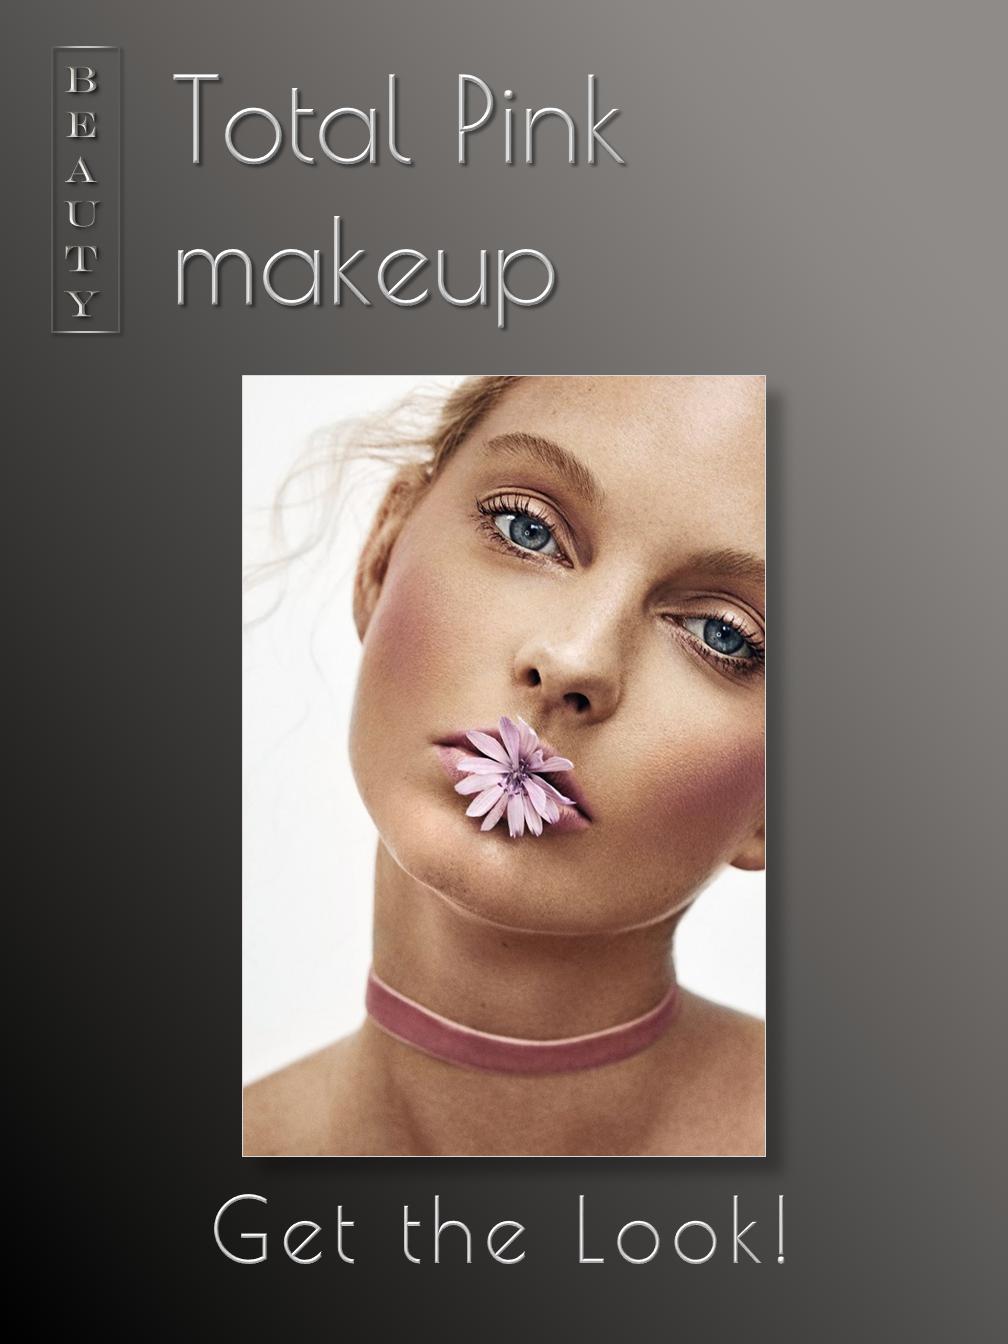 Total Pink makeup